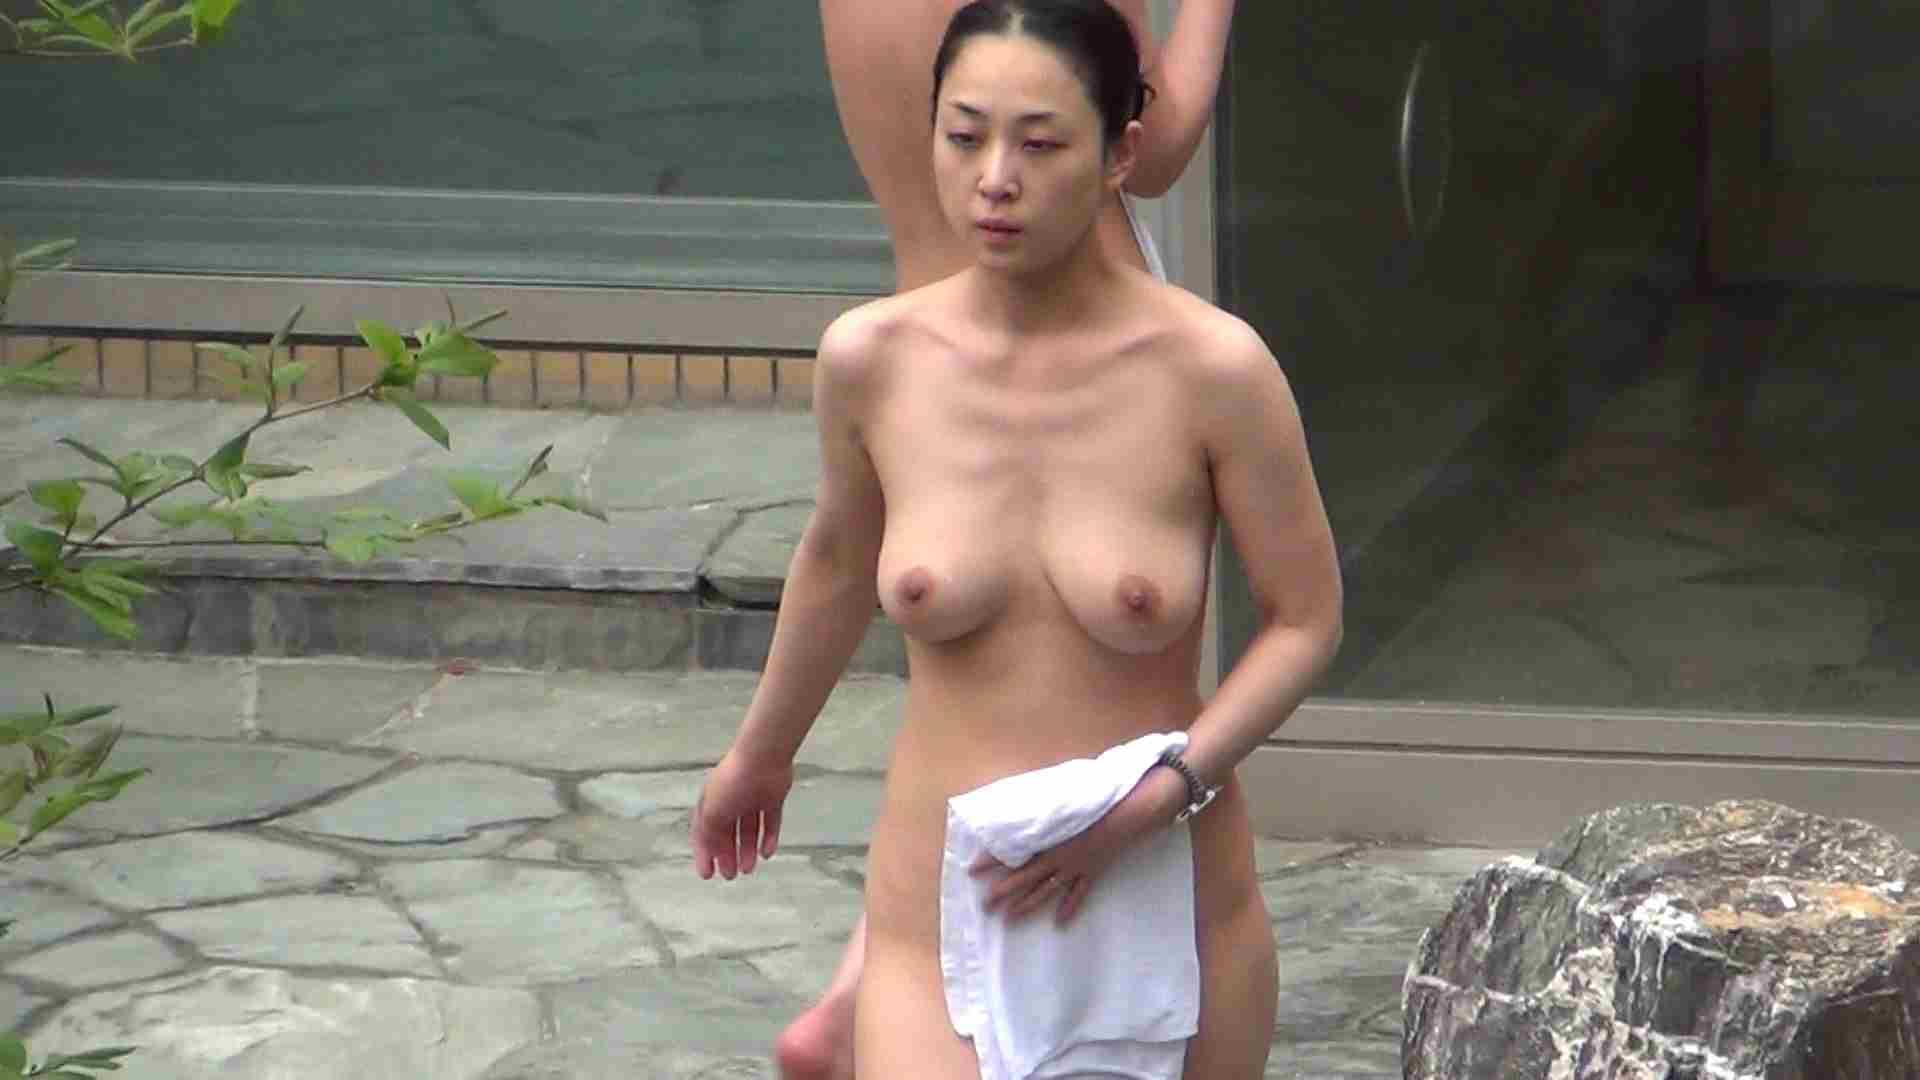 ハイビジョンVol.1  美女盛り合わせ No.1 美女  88pic 26